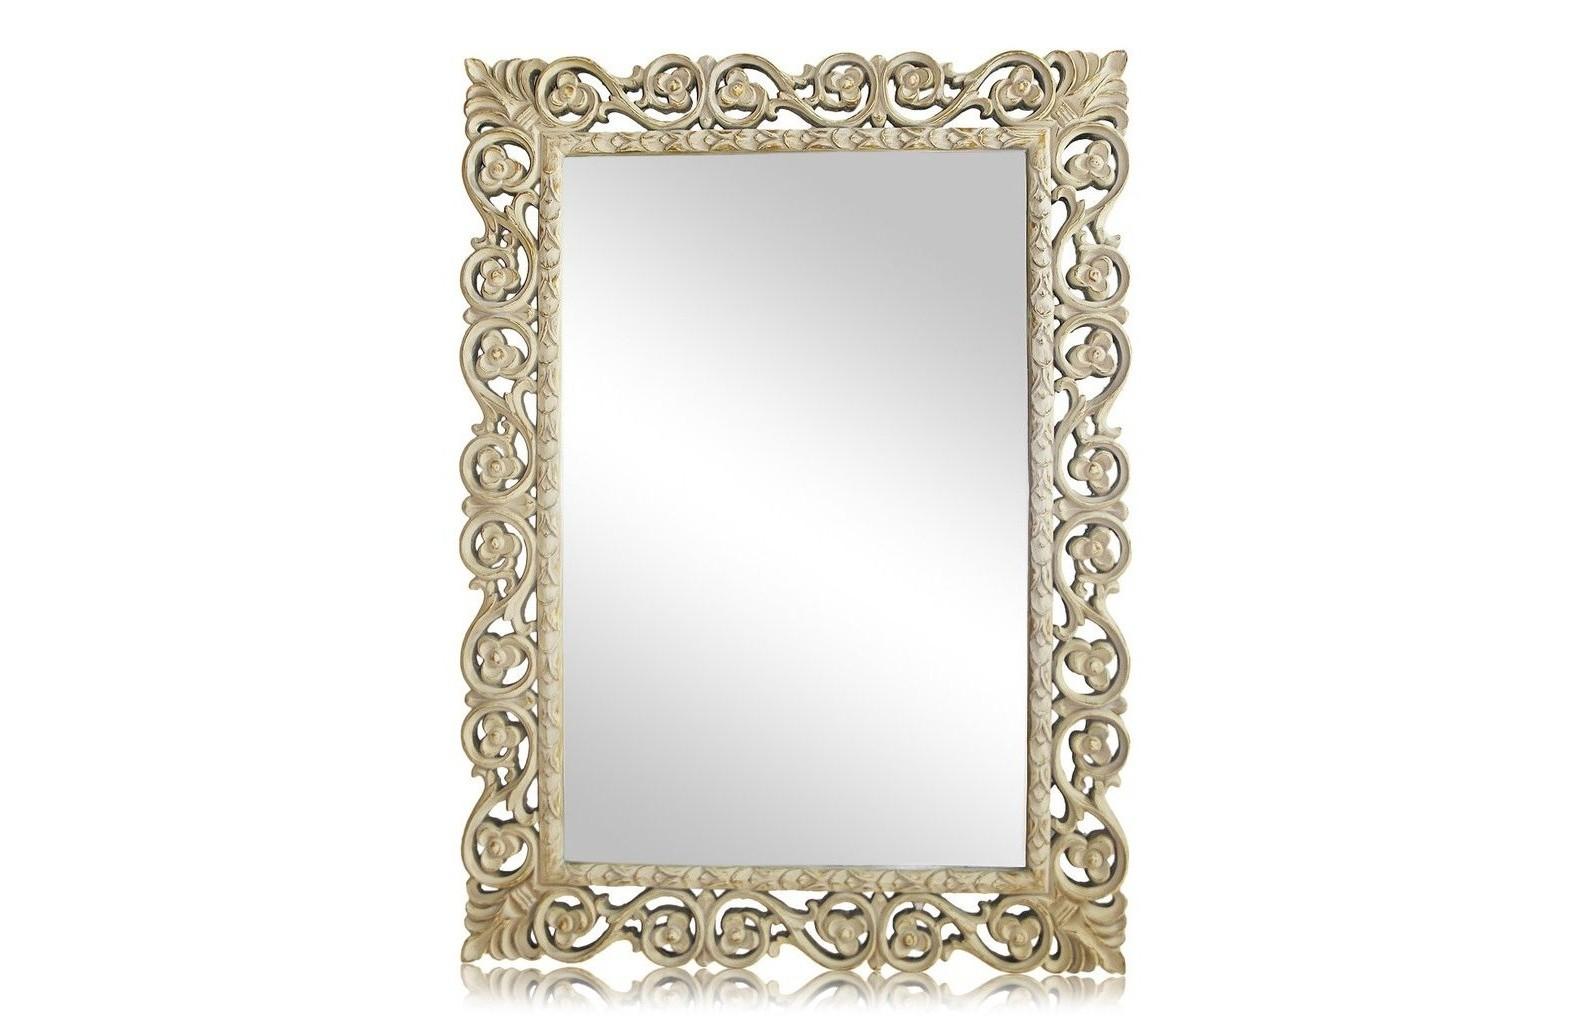 Зеркало БергамоНастенные зеркала<br>Крепления входят в стоимость.<br><br>Material: Пластик<br>Ширина см: 84<br>Высота см: 115<br>Глубина см: 4